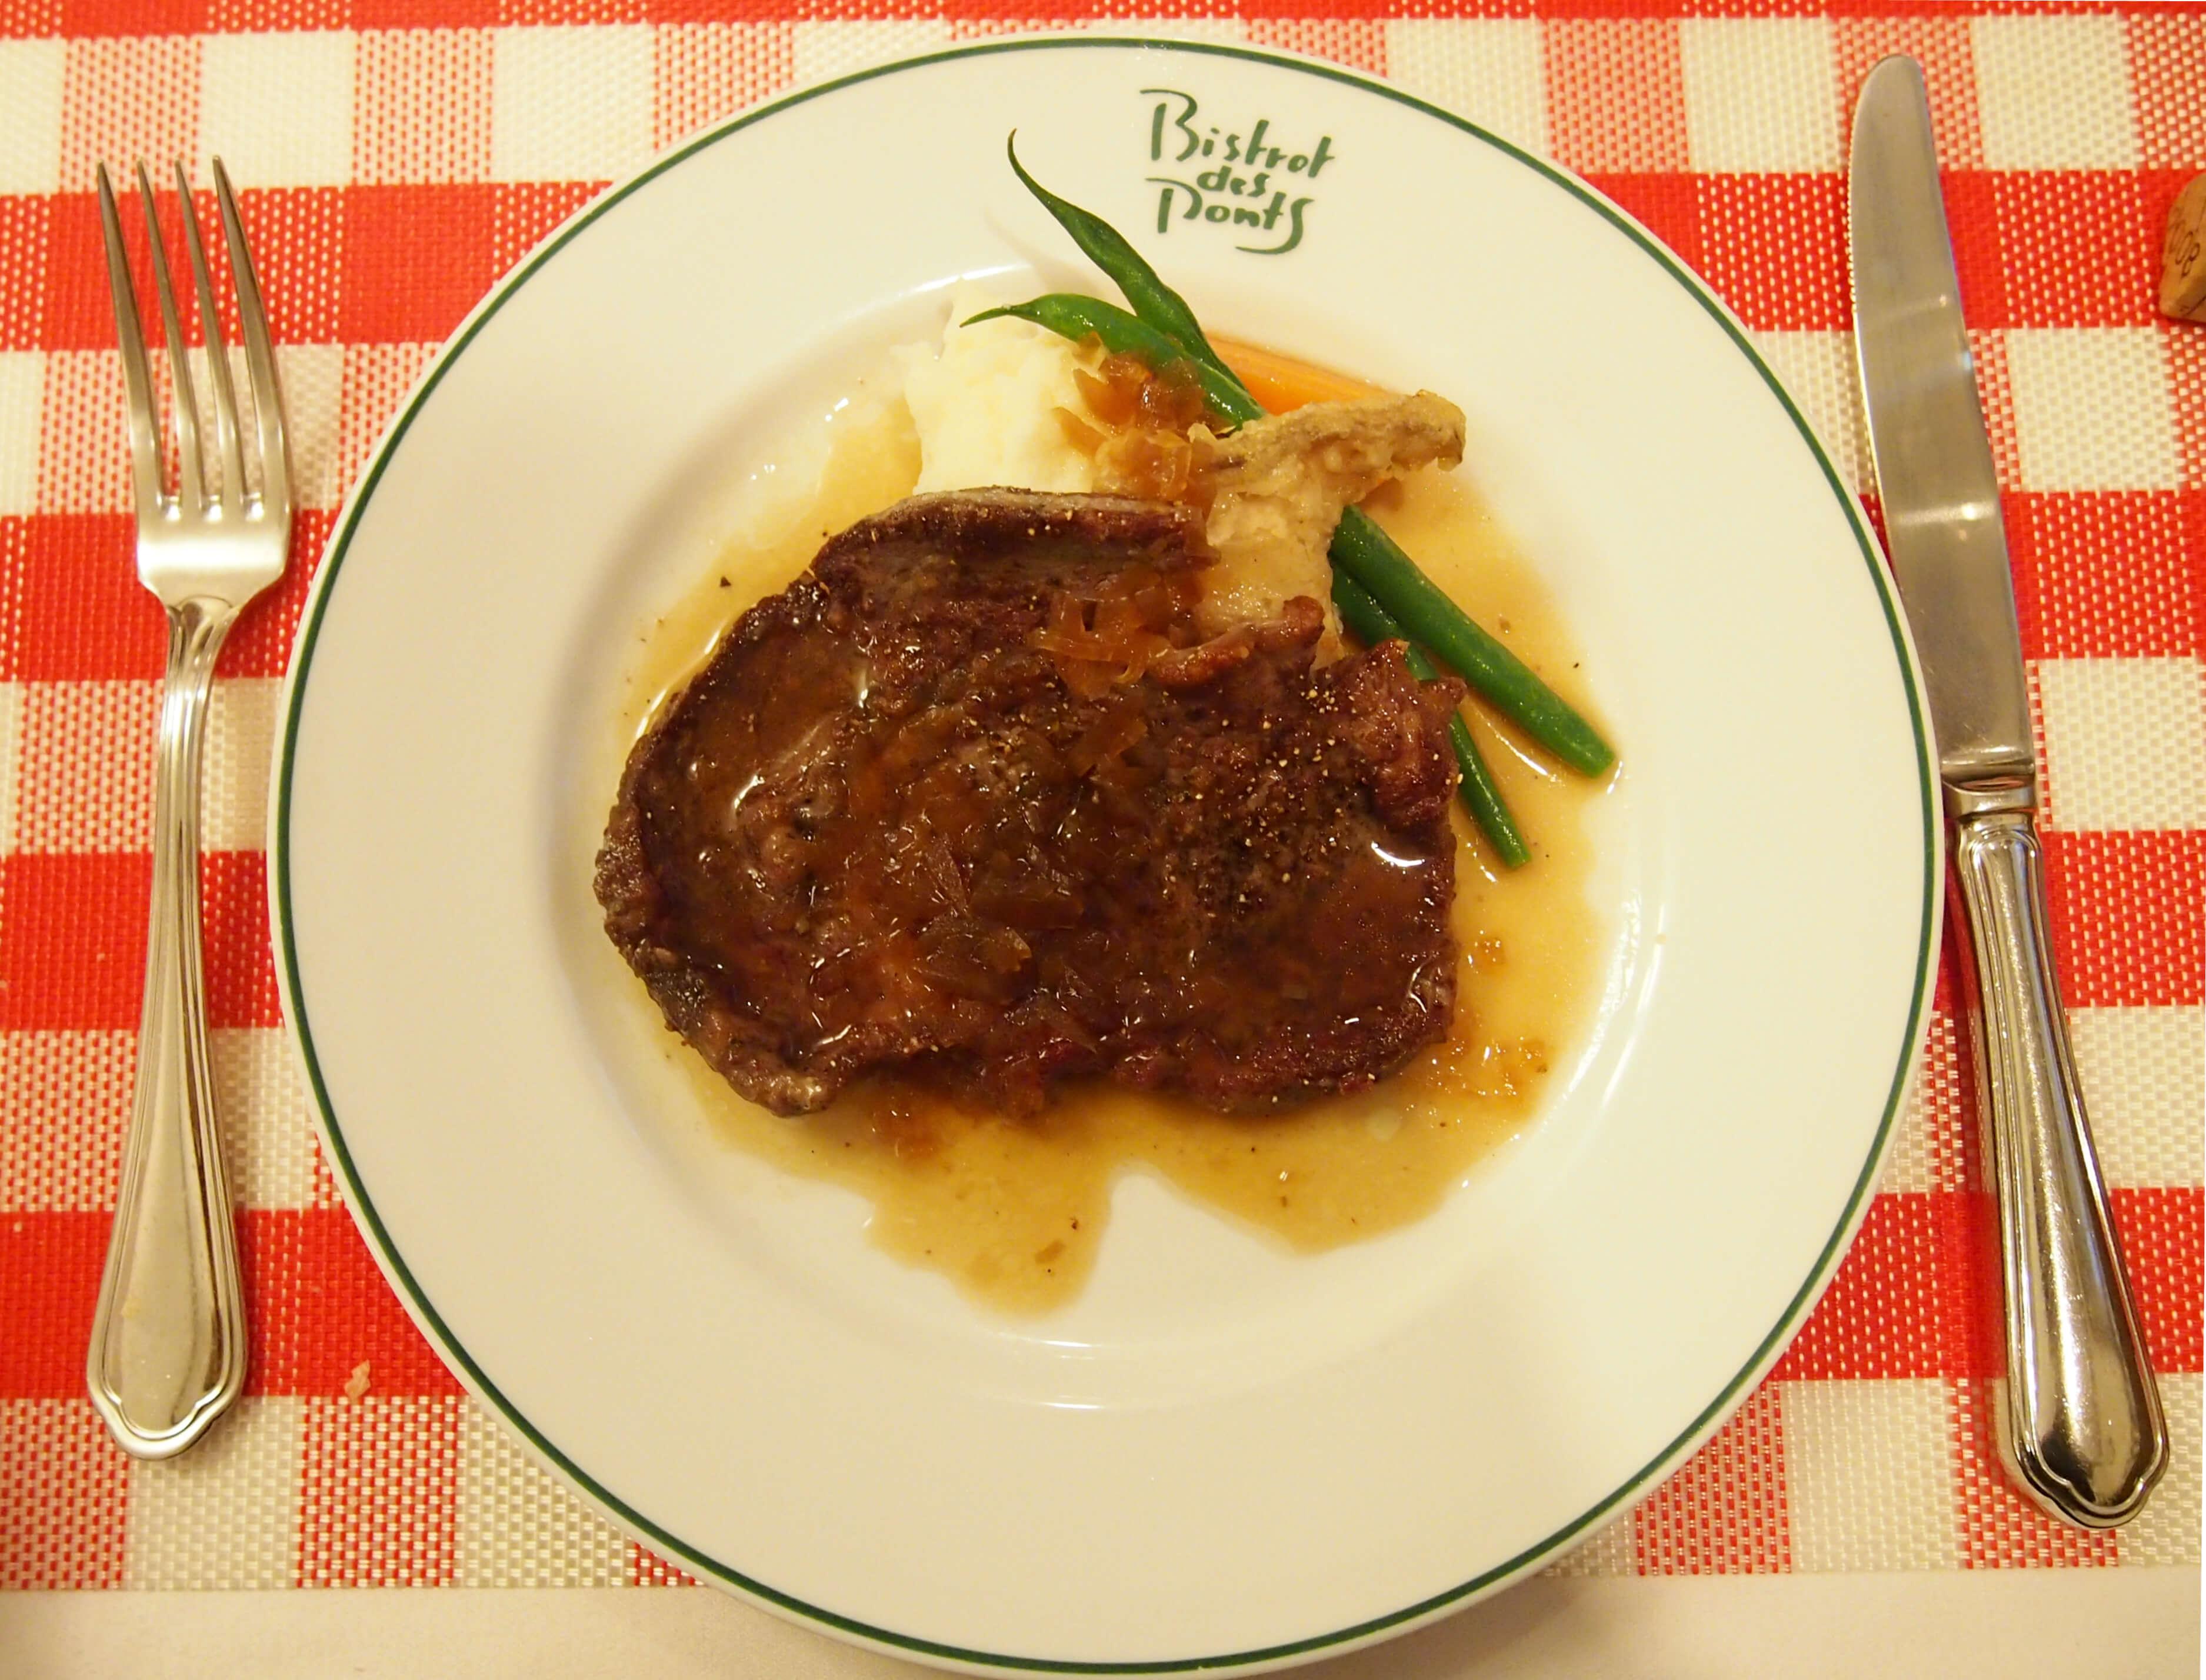 ちょっと奮発したい日に…フランス料理店「ビストロ・デ・ポン」でディナー【三川町】